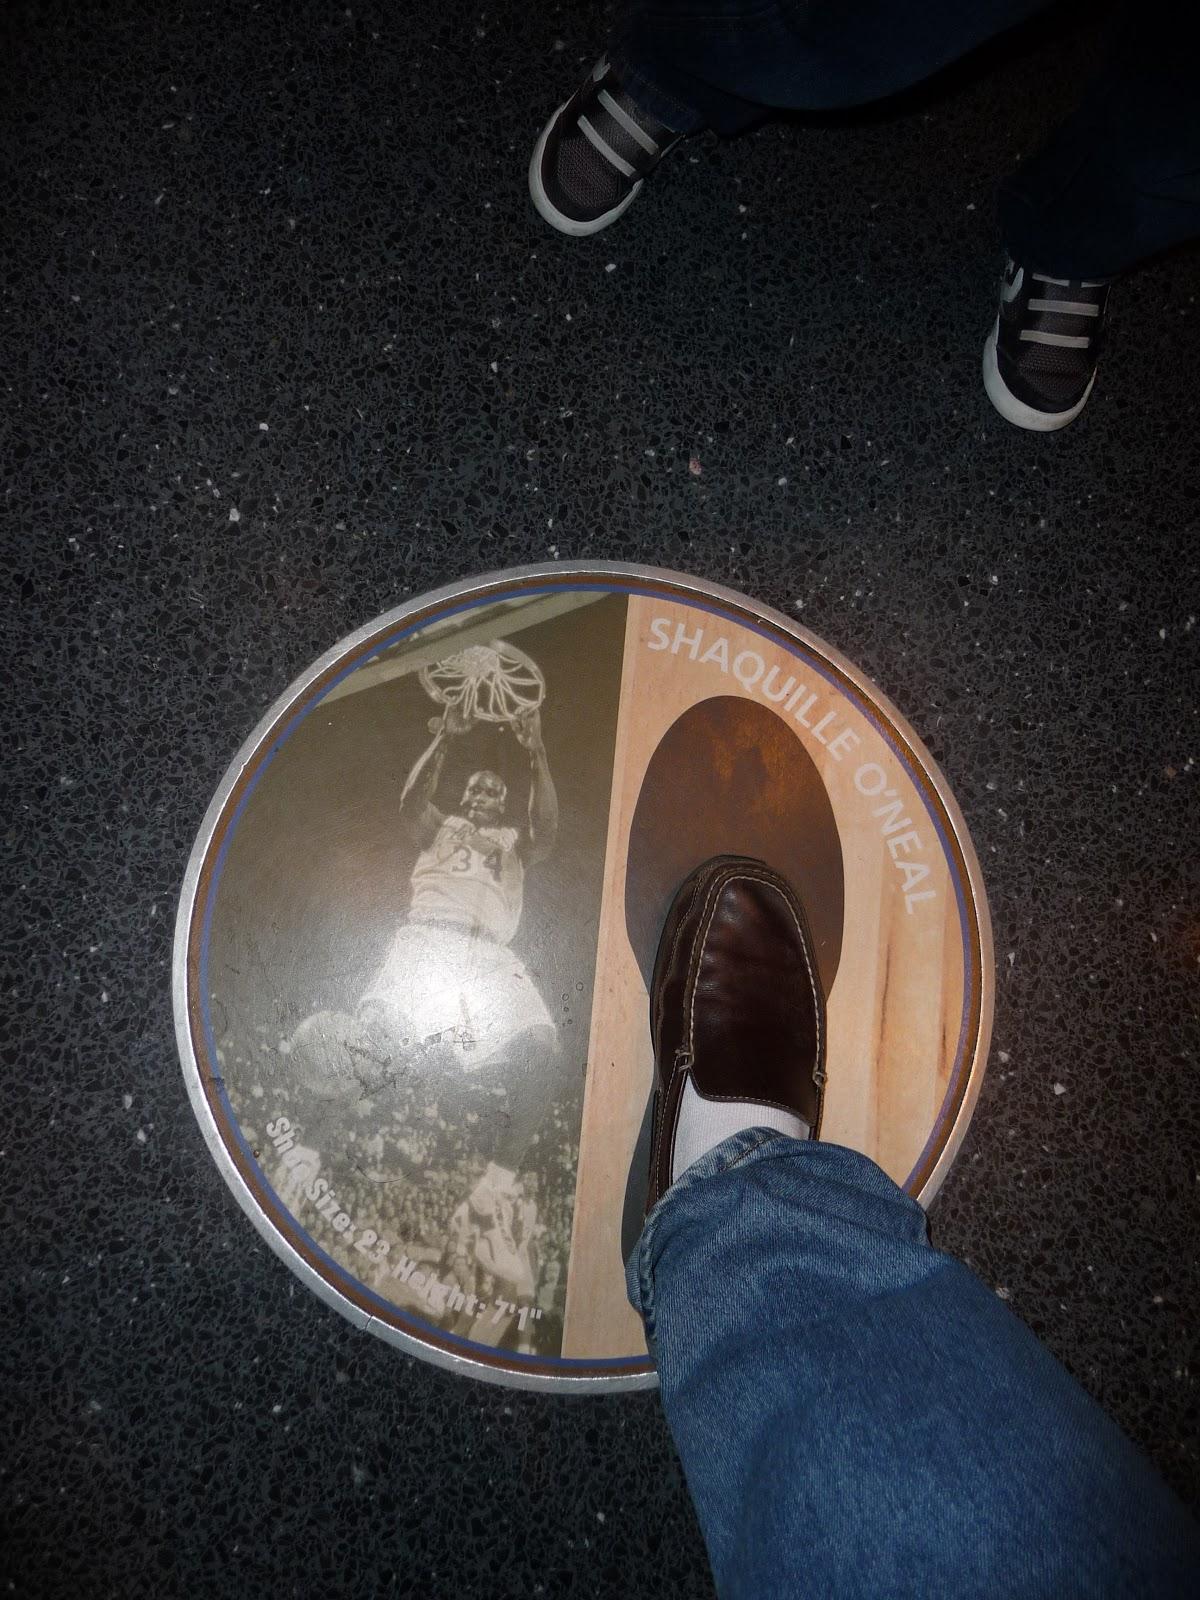 Footprints Shoe Store Berlin Turnpike